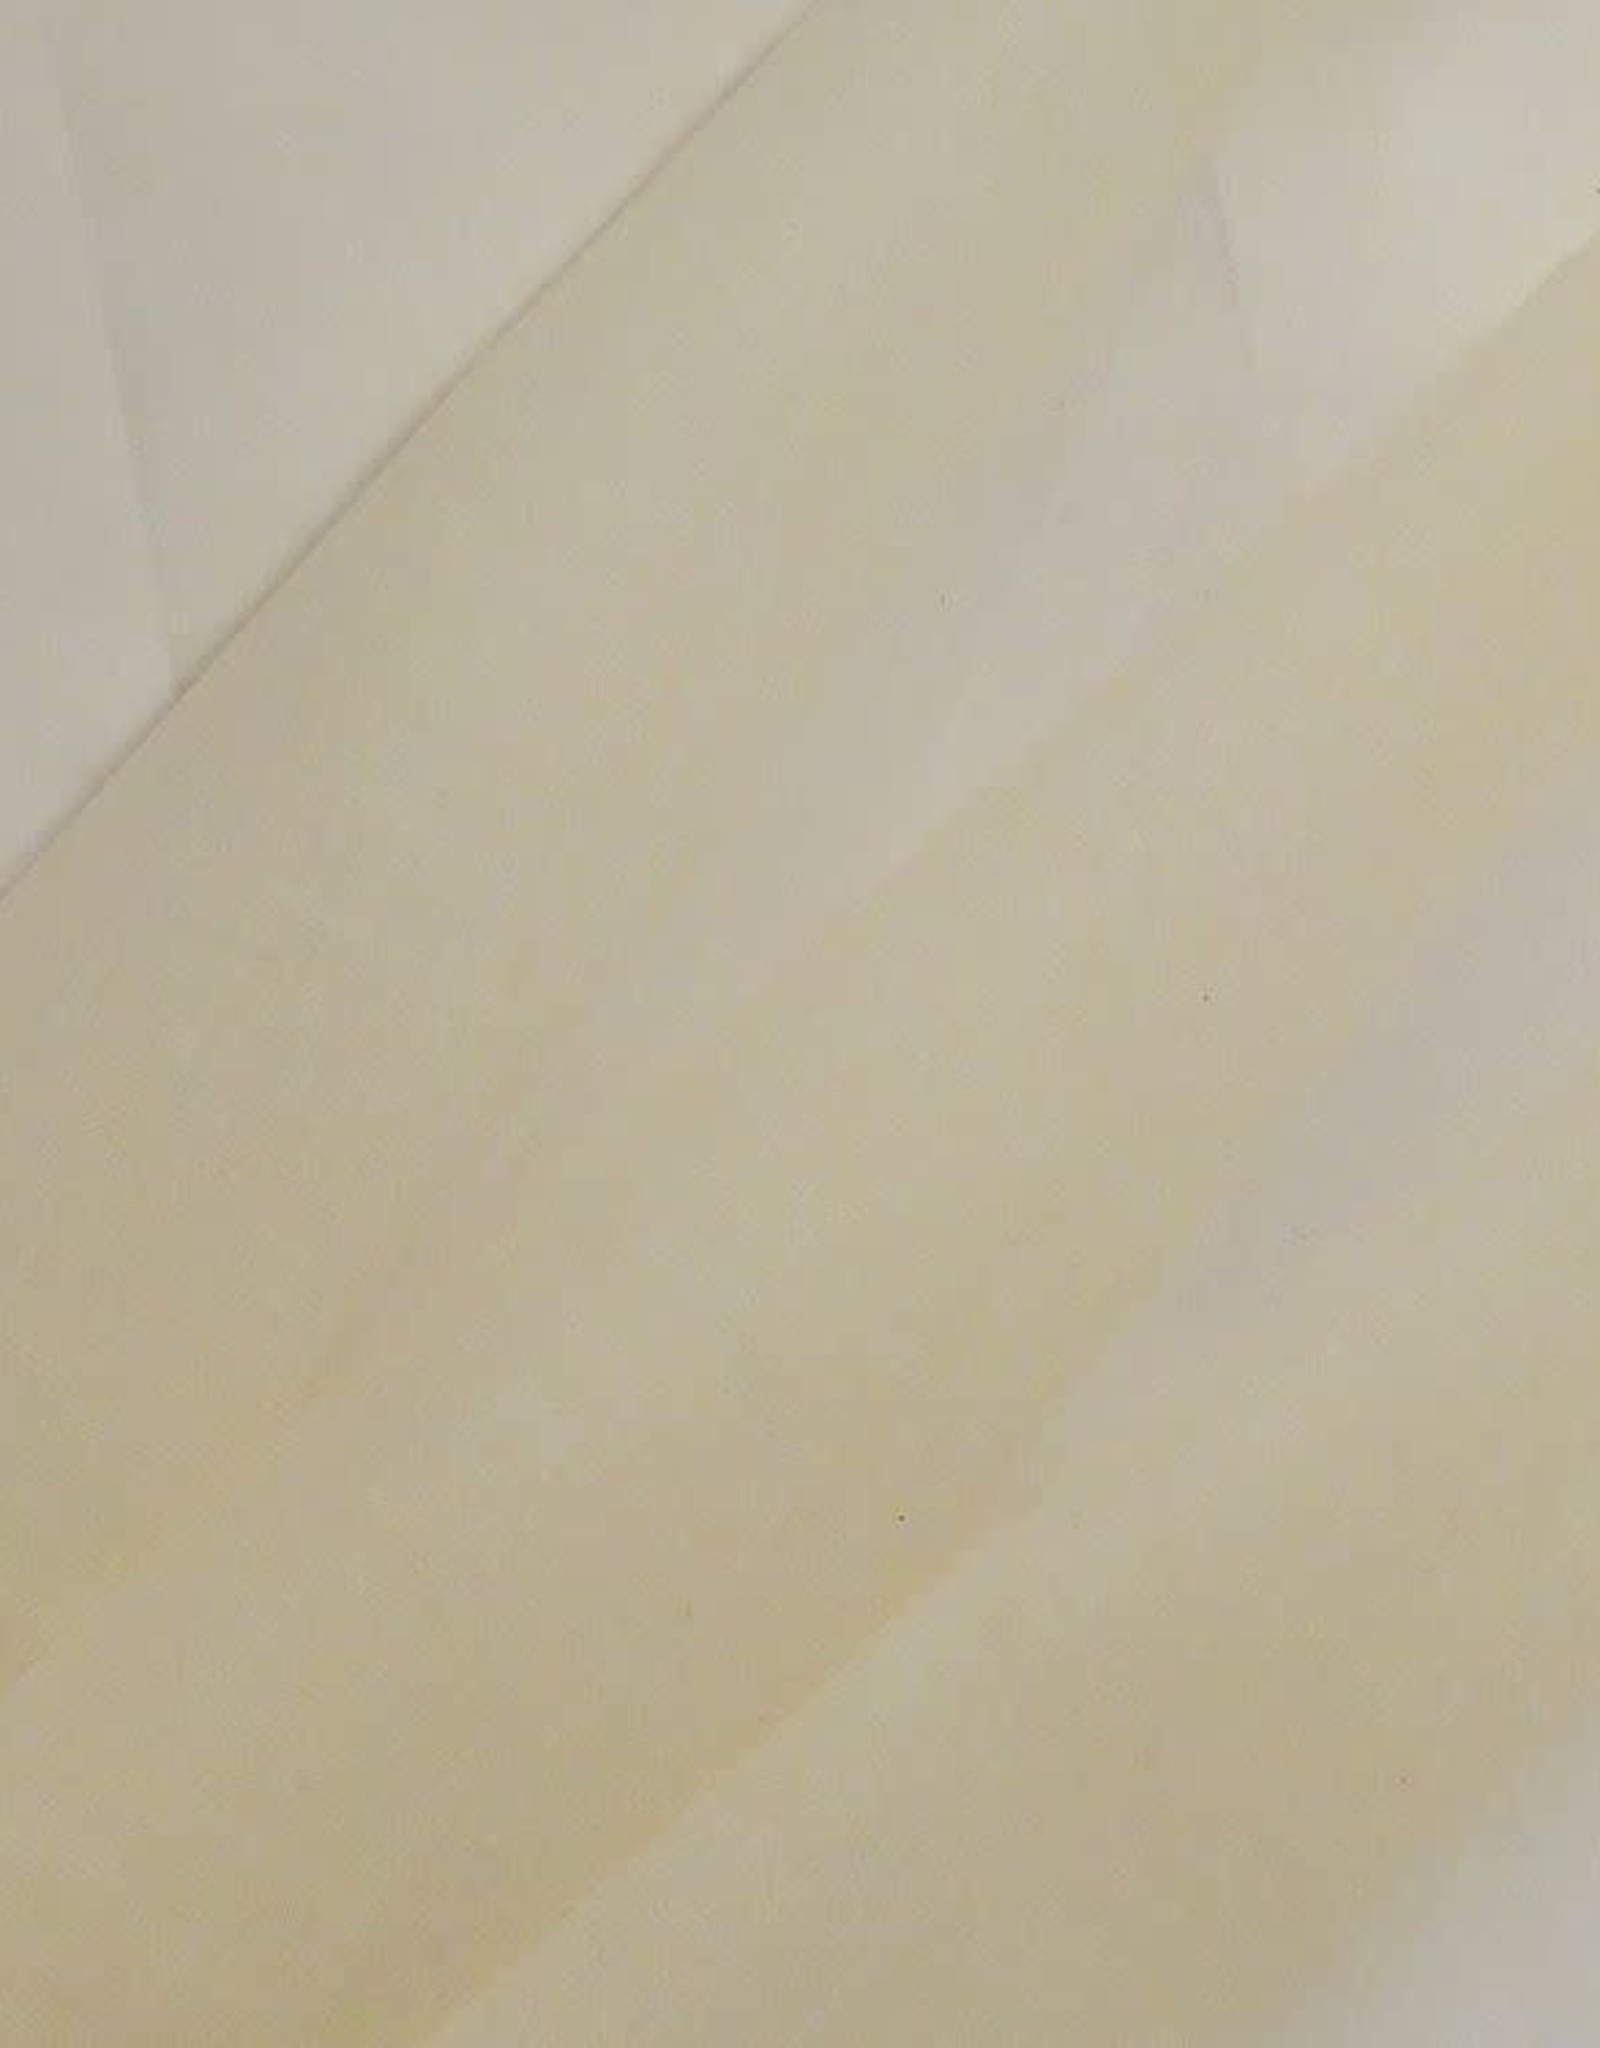 Gaaskatoen 96 cm breed